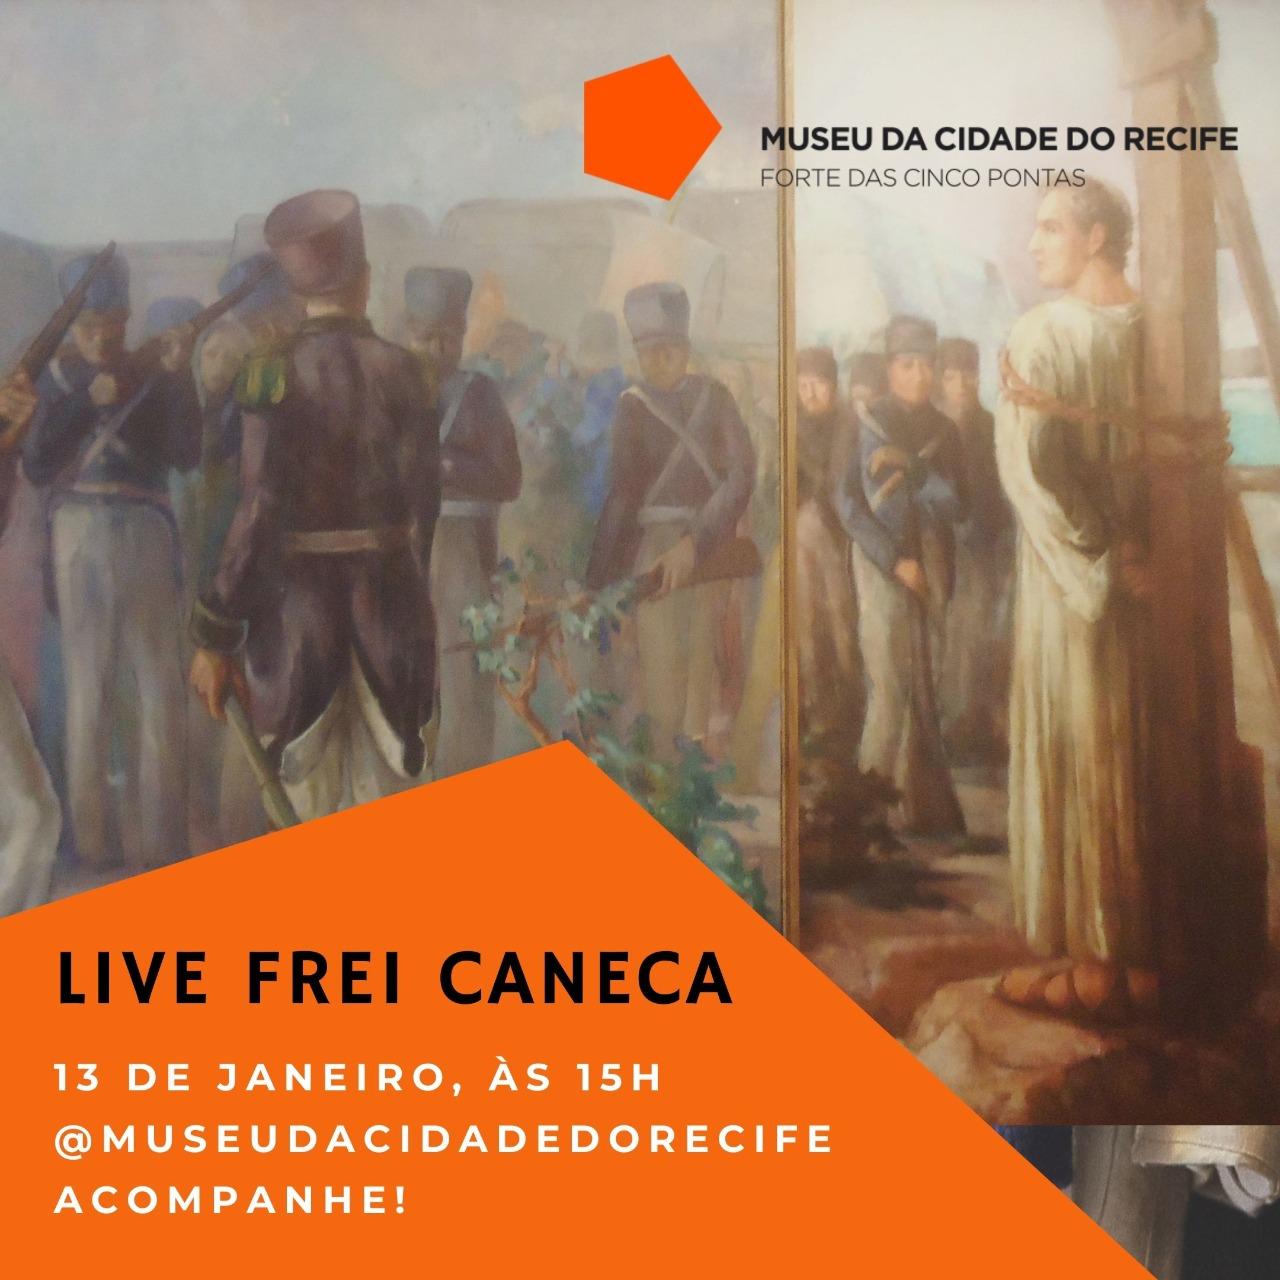 Museu da Cidade transmite em live homenagem a Frei Caneca no dia 13 de janeiro